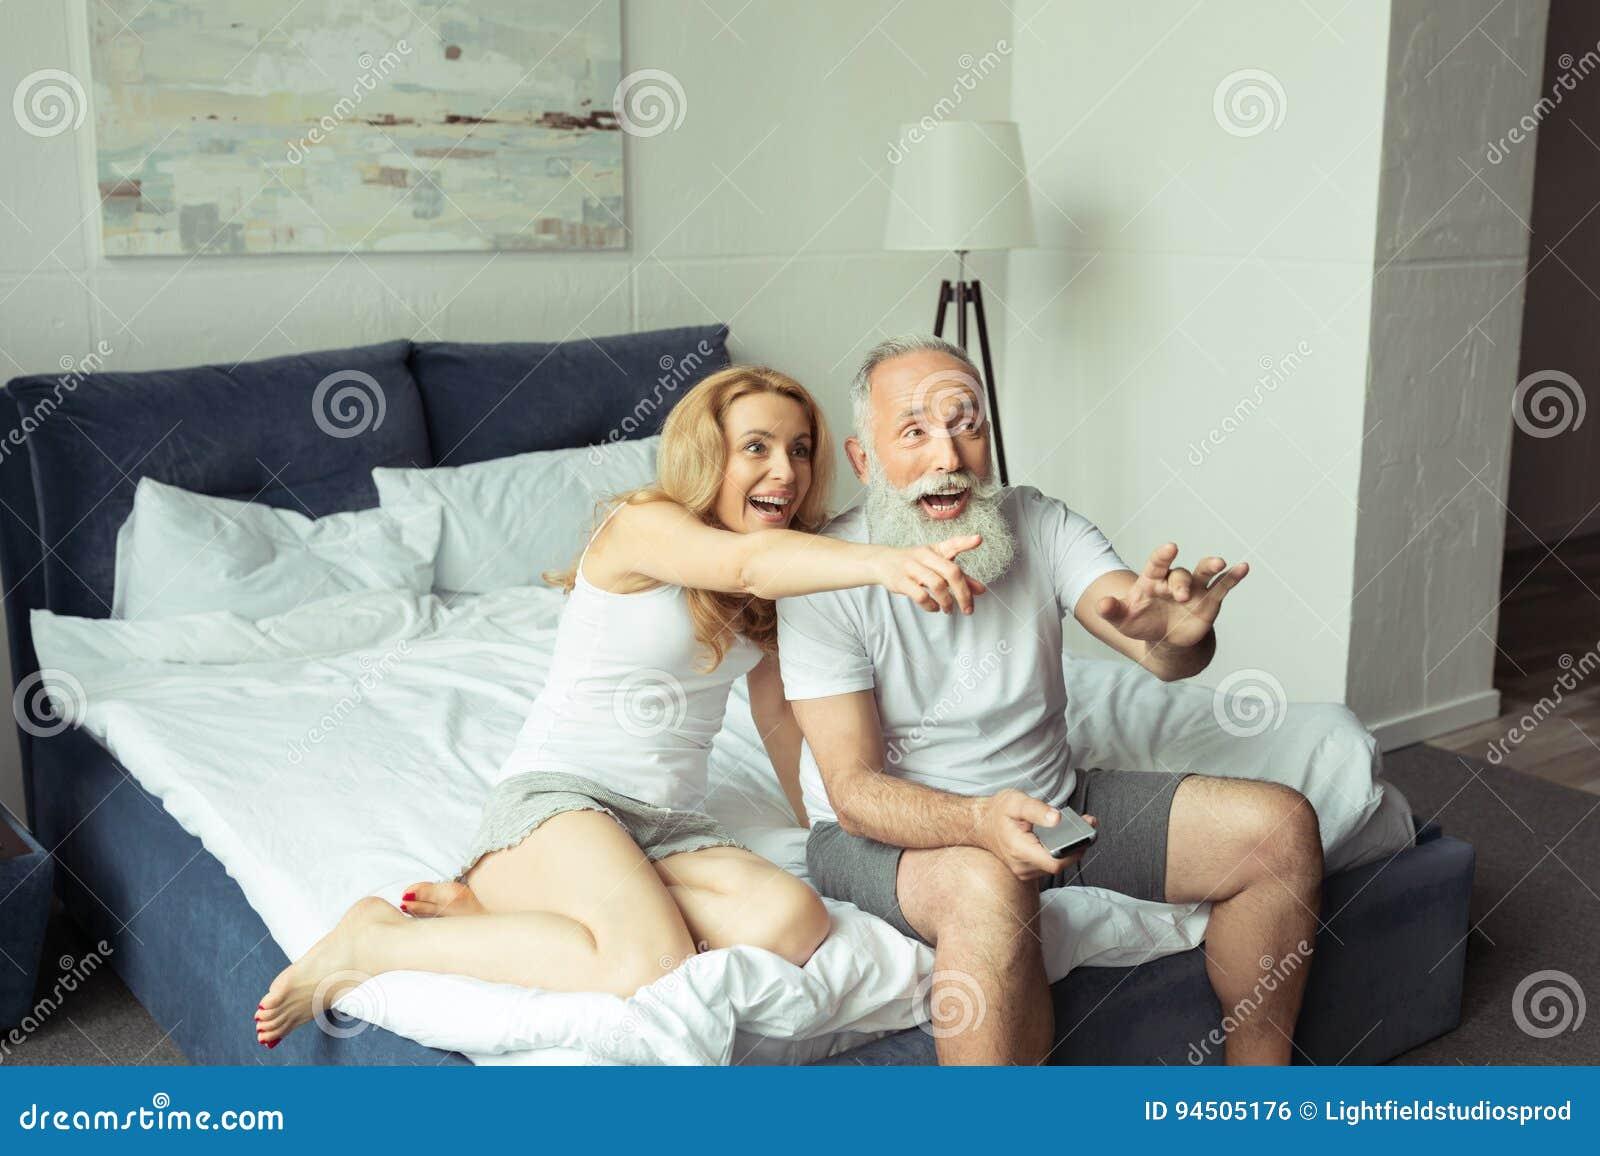 My wife orgasm video